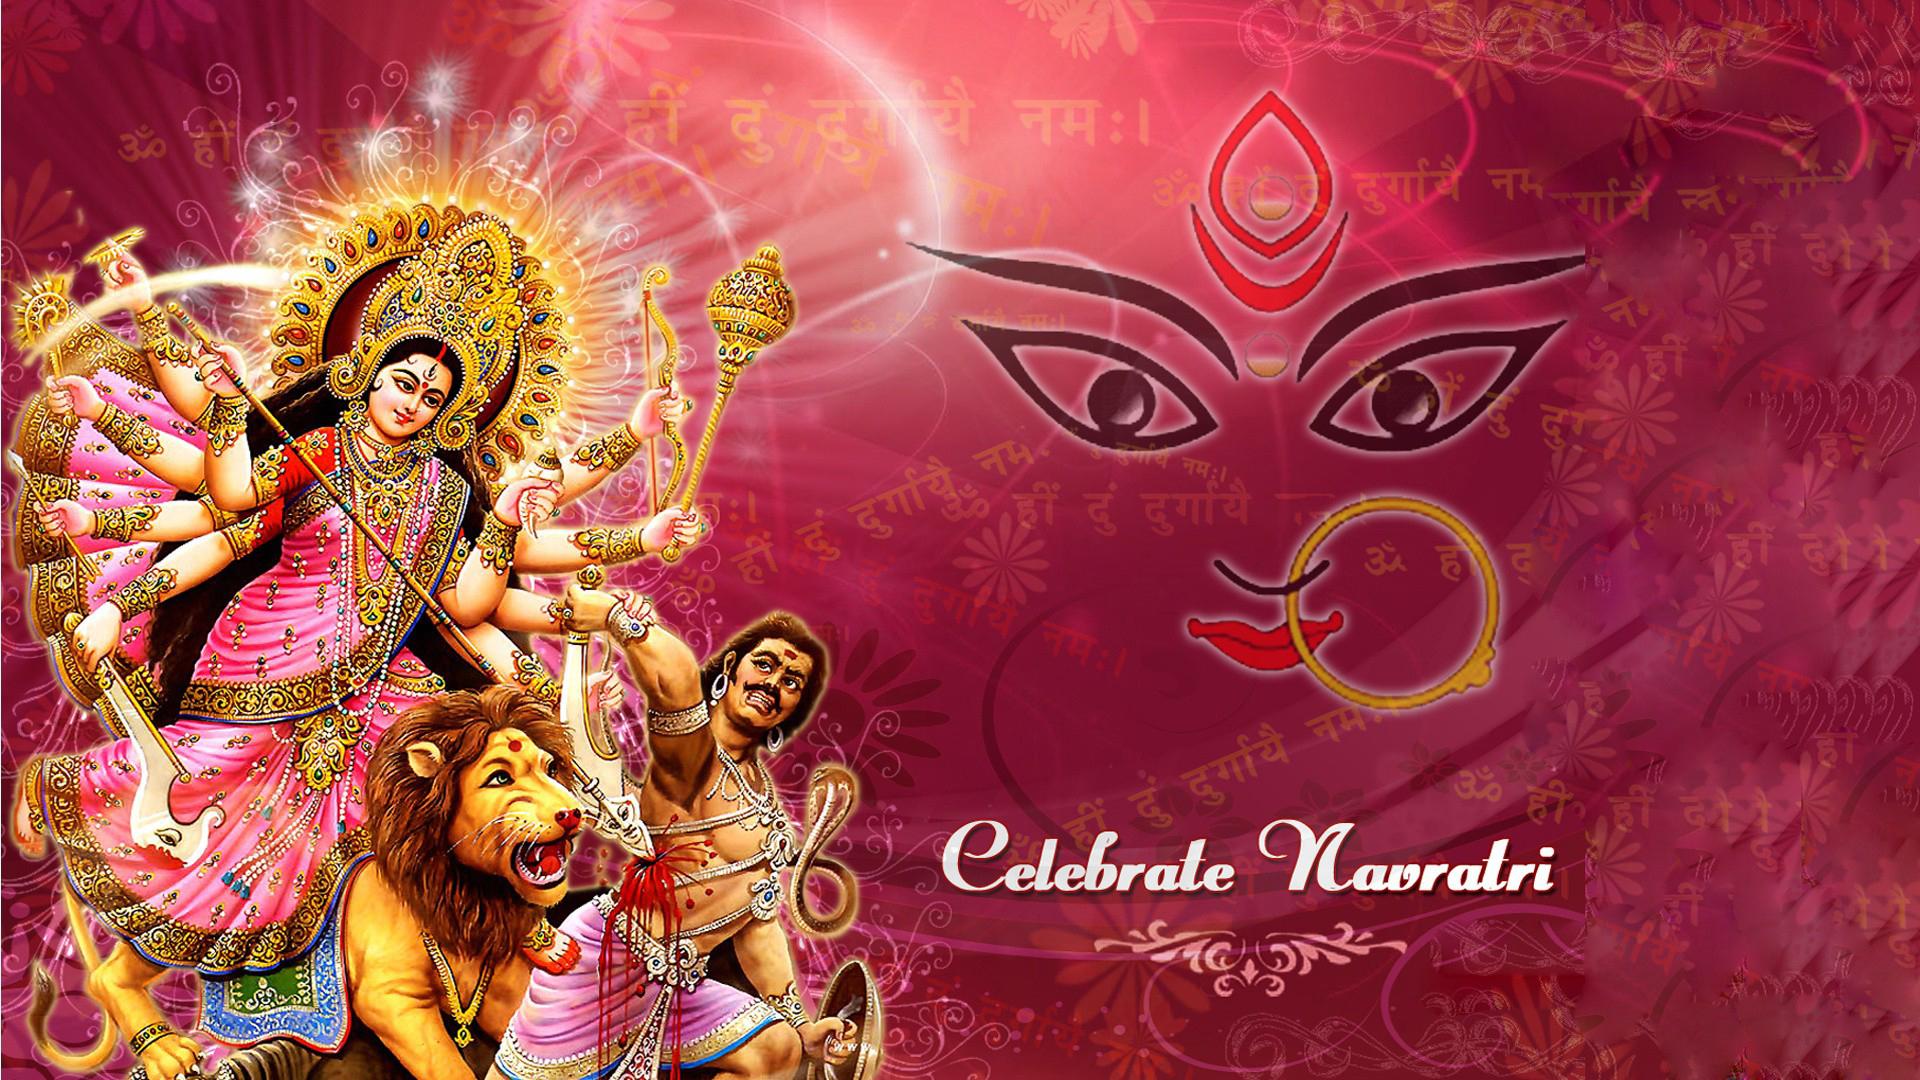 Navratri Maa Durga HD Images Wallpapers Free Download 5